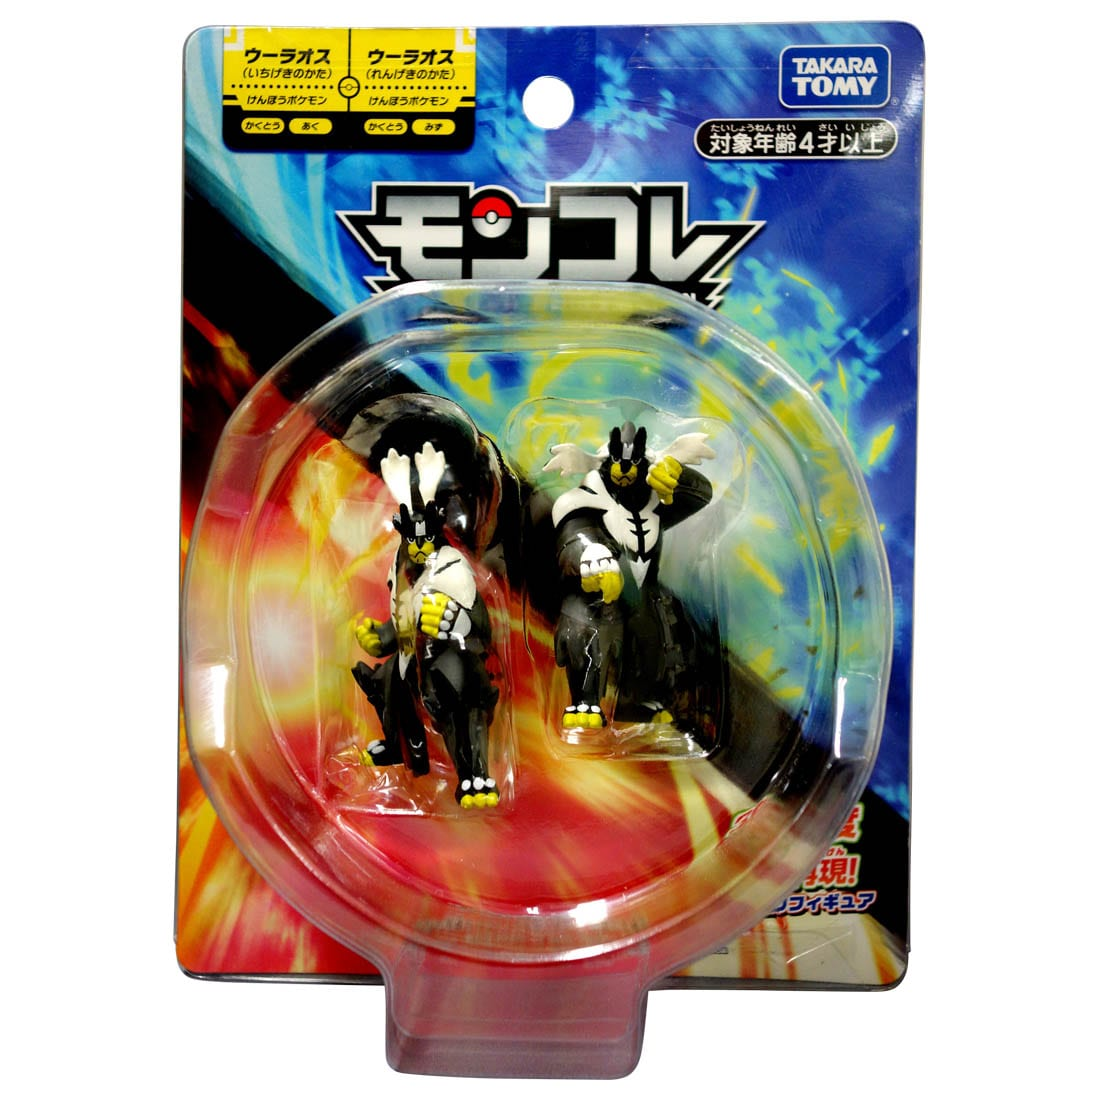 精靈寶可夢 神奇寶貝 moncolle系列收藏 Vol.2